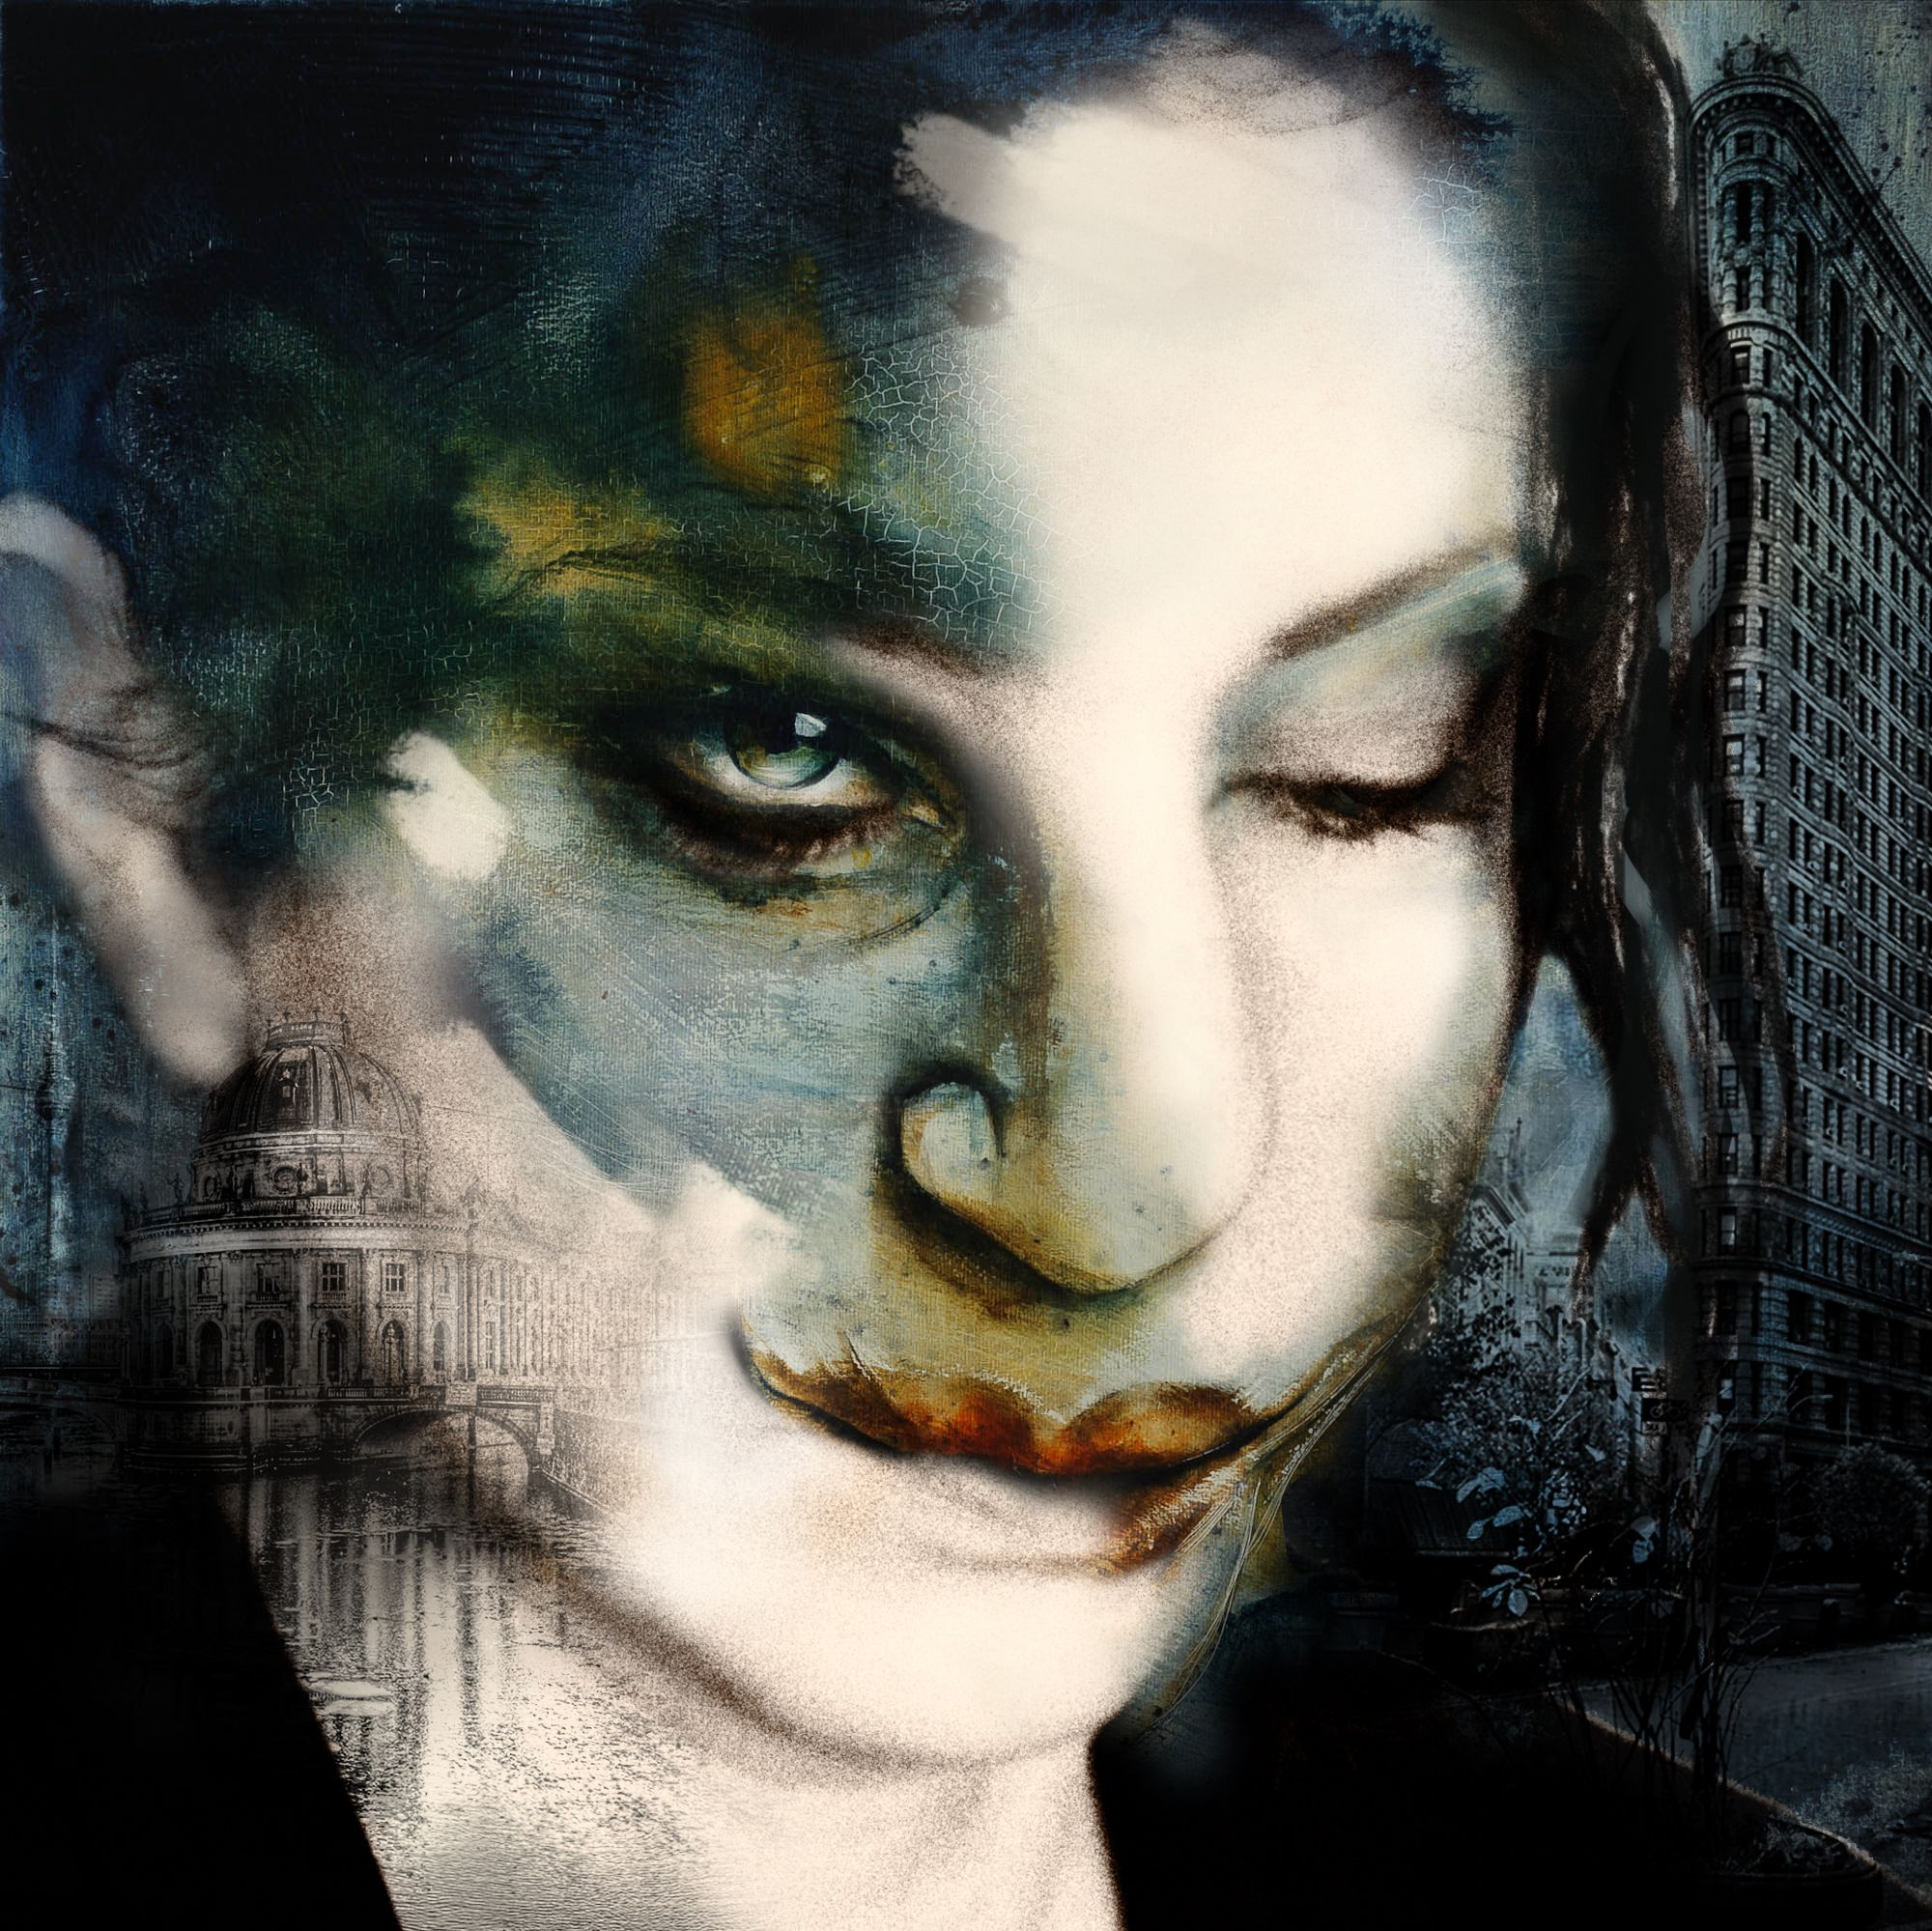 Morphing von Romy Campe, Sirena in me, 2015, Gemälde und fine art photography auf Metall